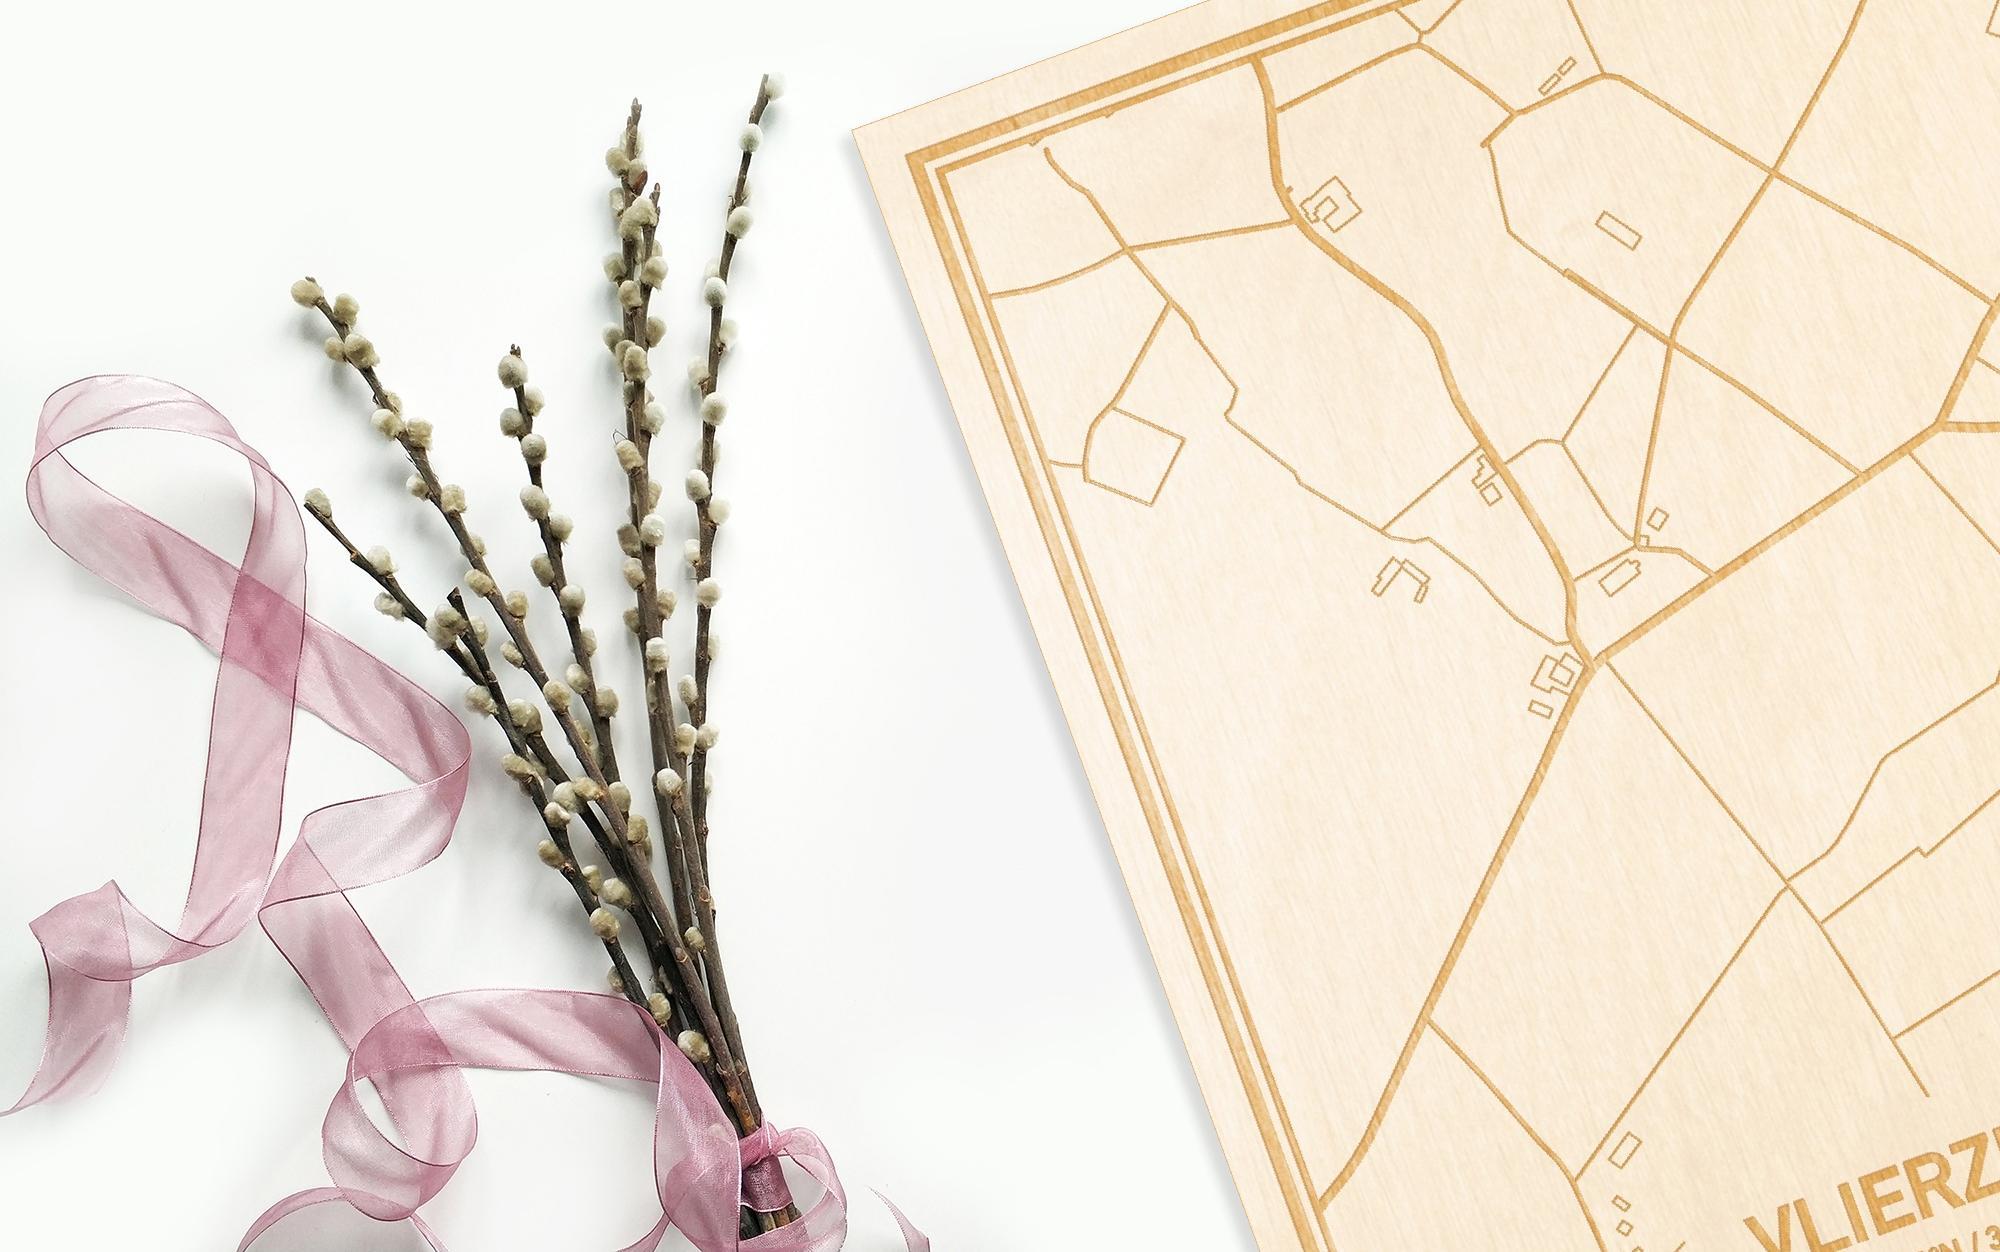 Hier ligt de houten plattegrond Vlierzele naast een bloemetje als gepersonaliseerd cadeau voor haar.